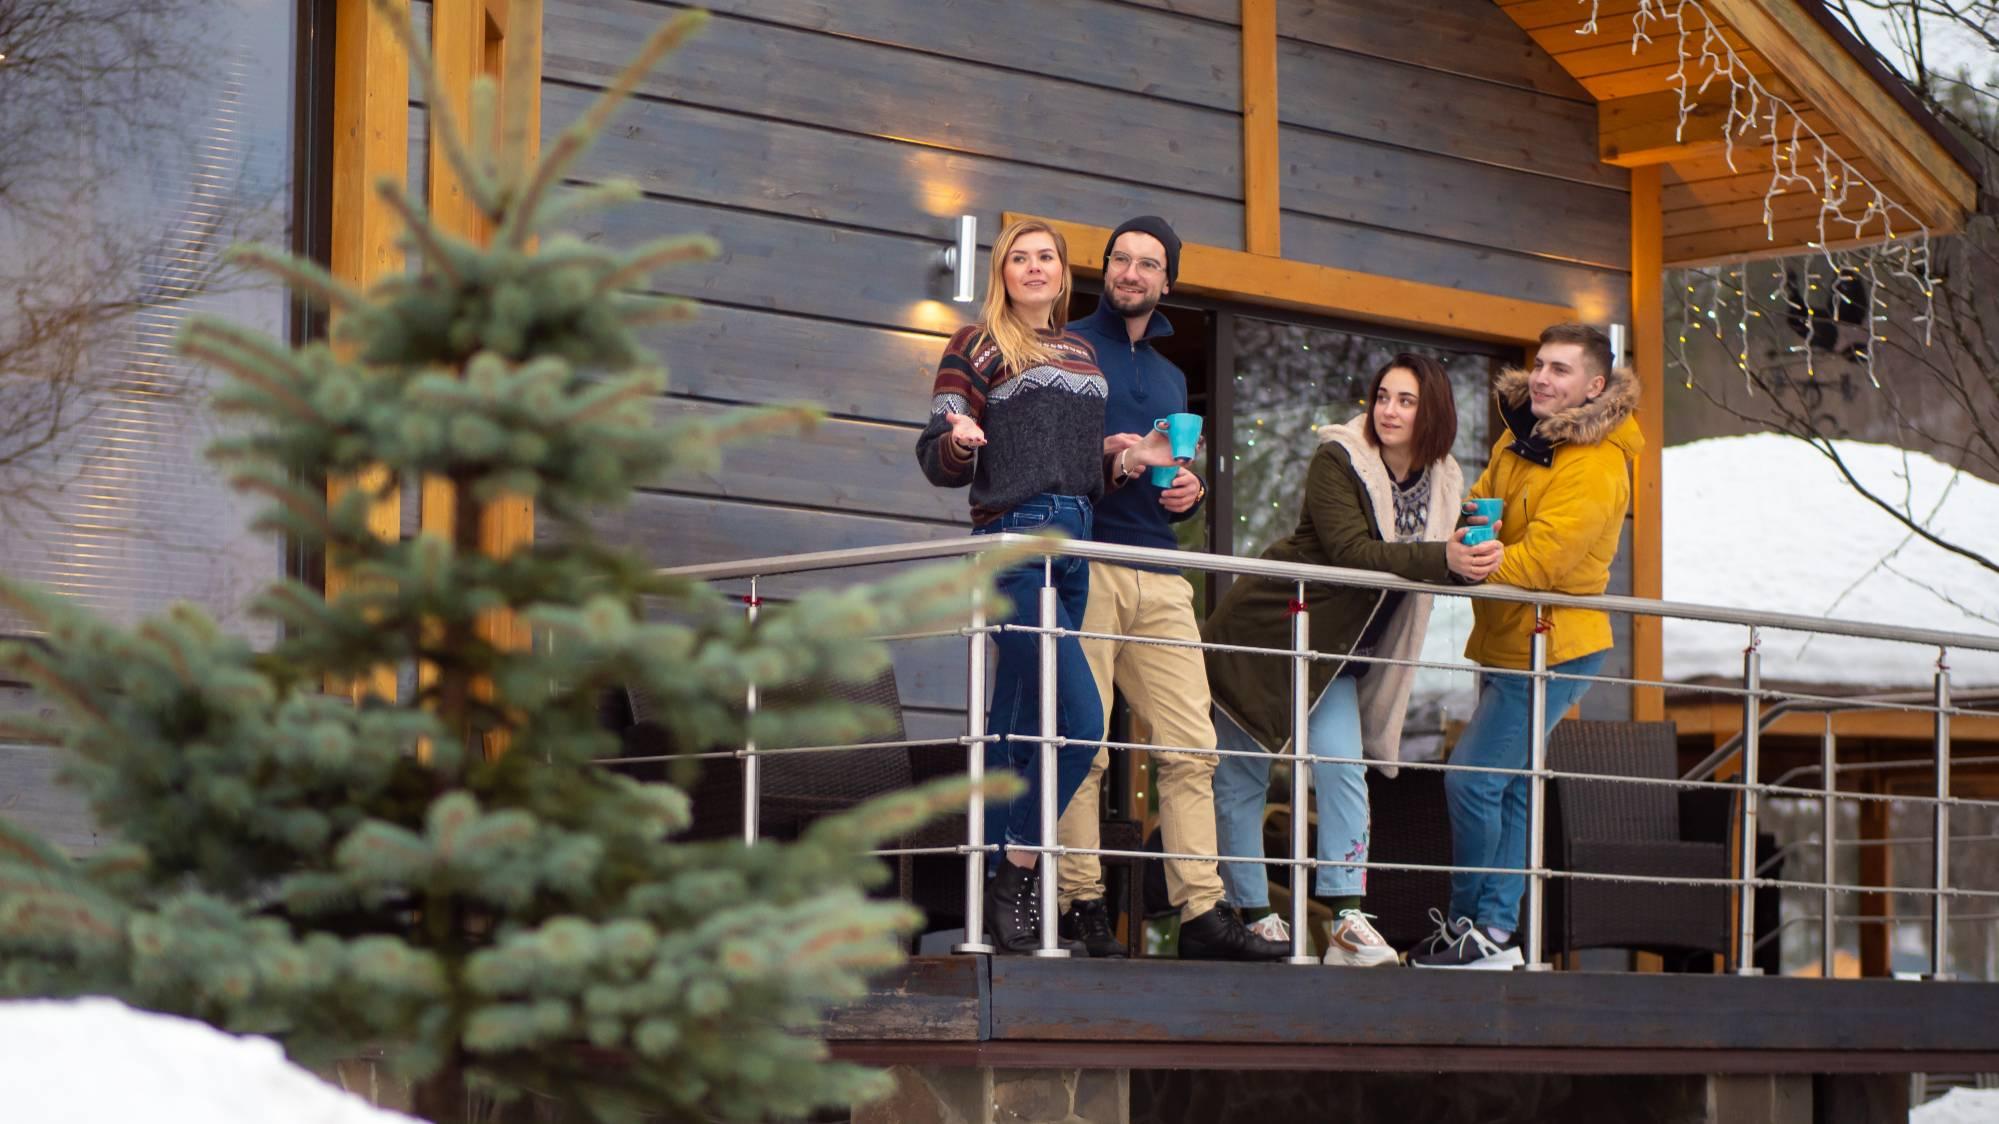 Коттедж на Новый год. Куда выгоднее поехать отдыхать в России